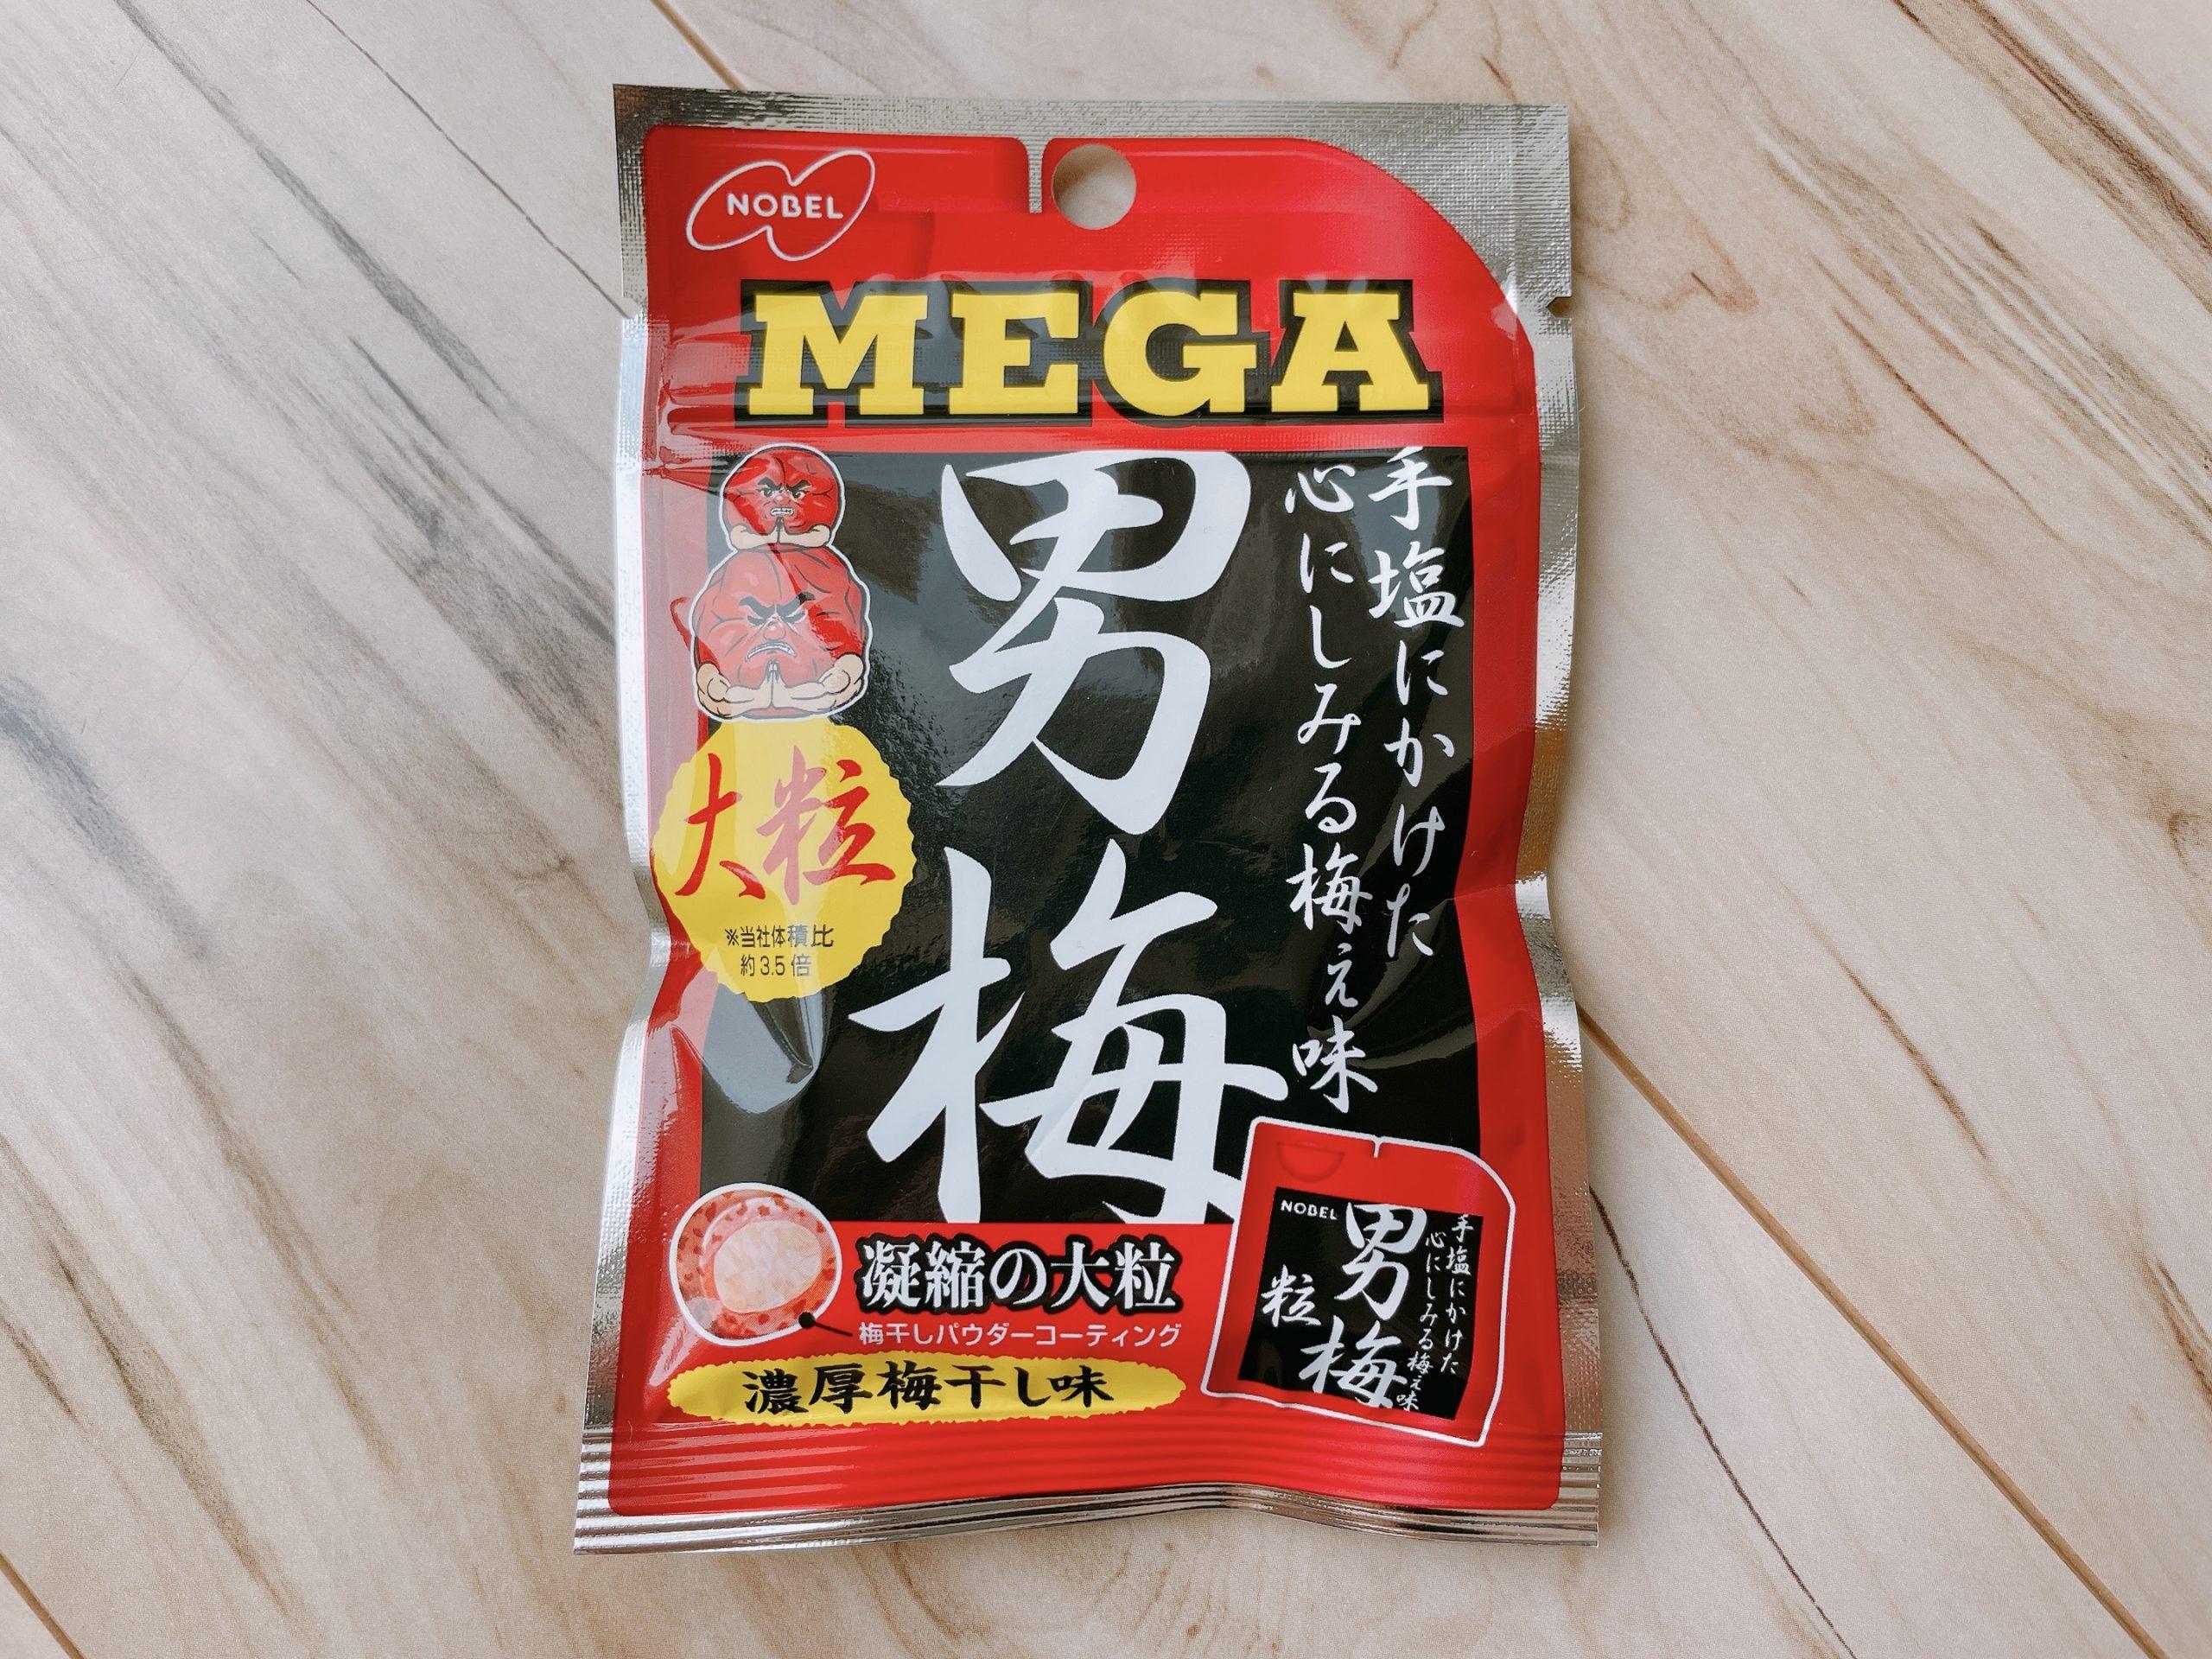 MEGA男梅粒のパッケージ